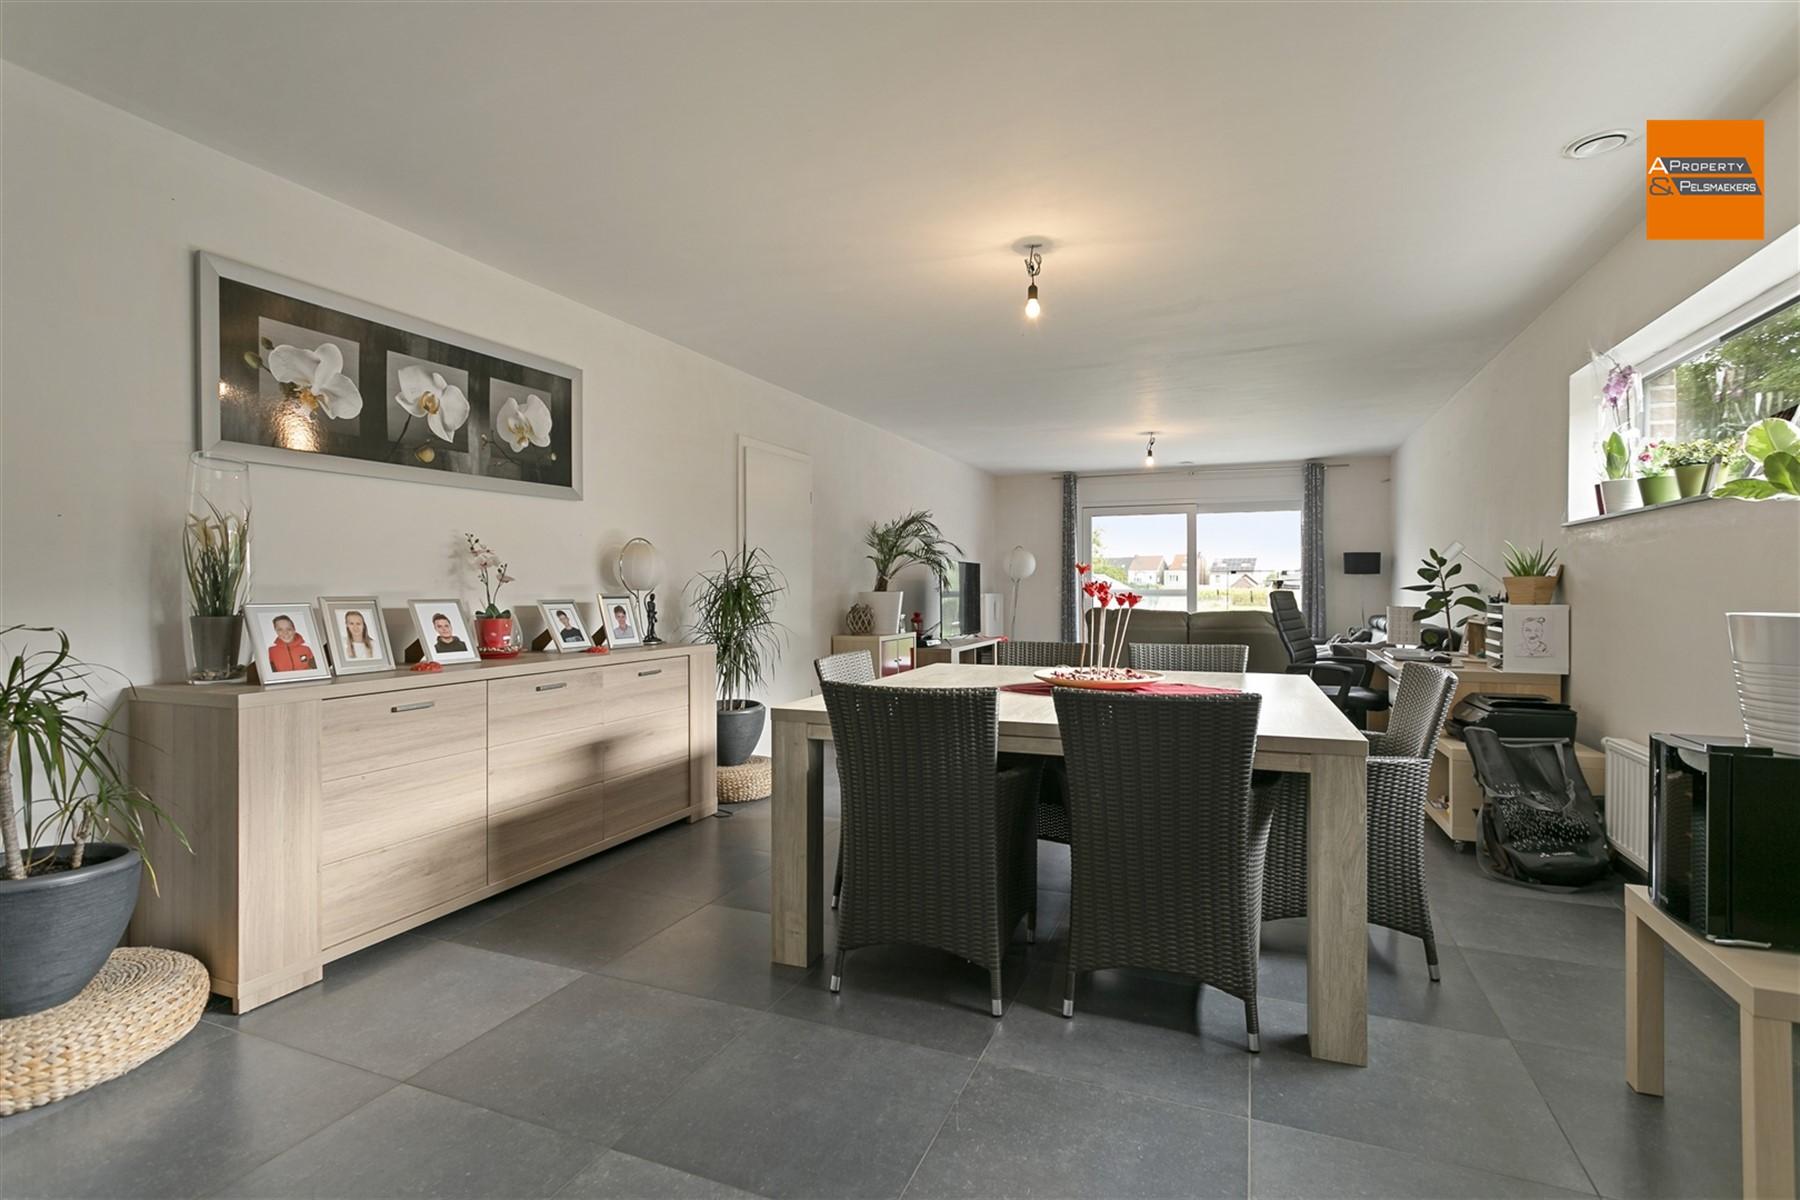 Foto 9 : Huis in 3071 ERPS-KWERPS (België) - Prijs € 650.000